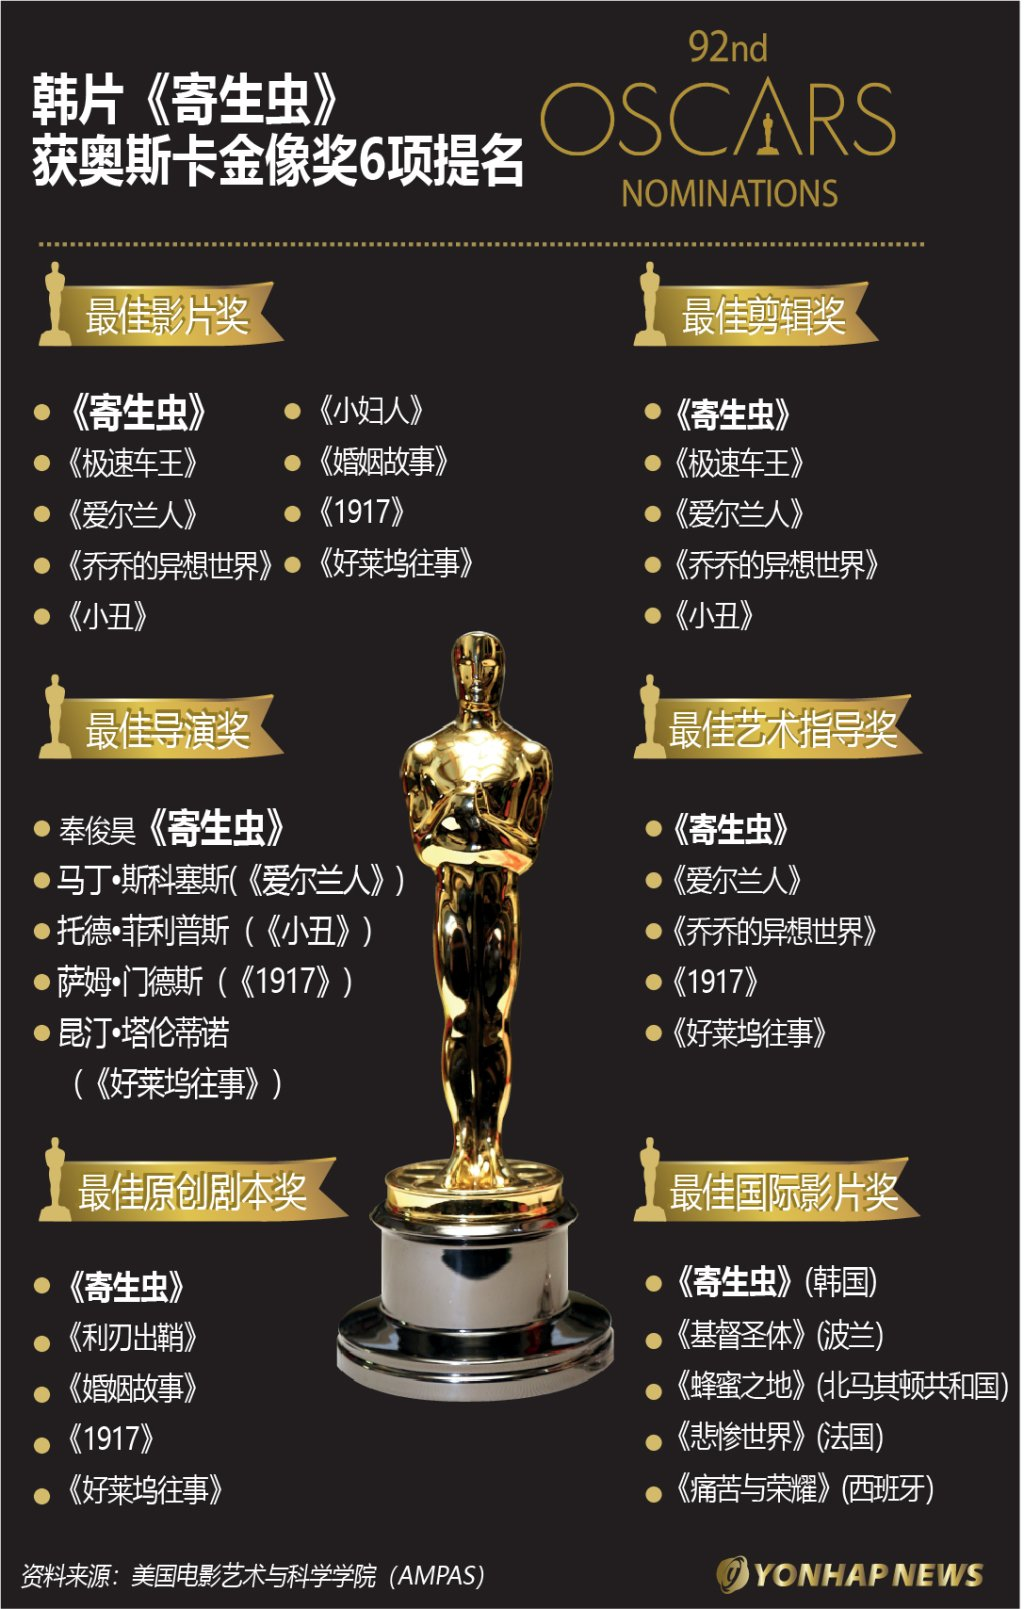 韩片《寄生虫》获奥斯卡金像奖6项提名